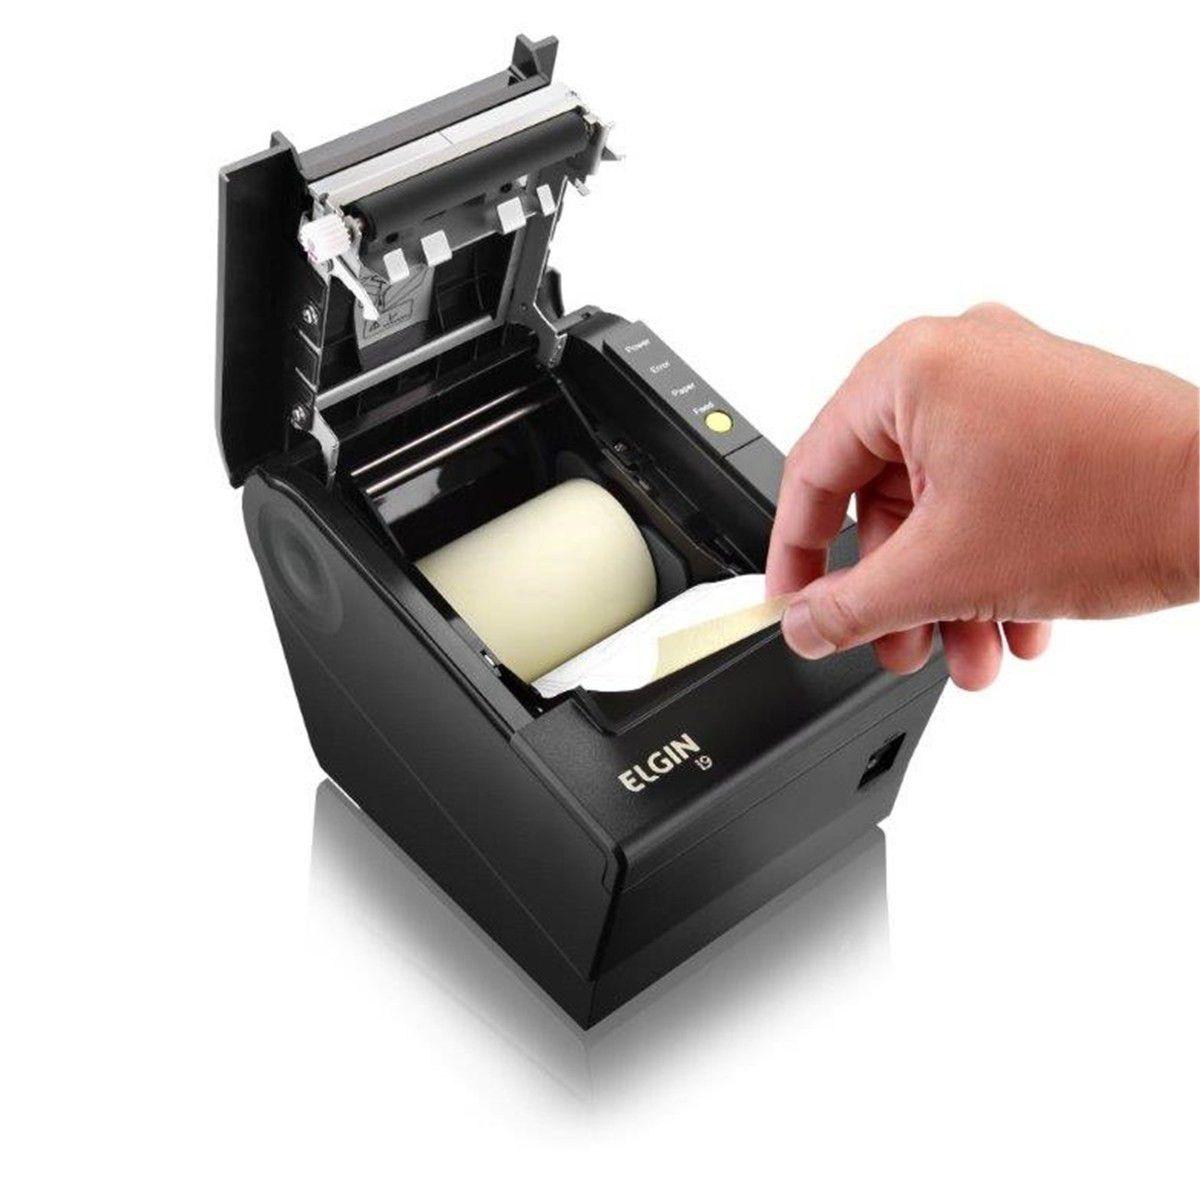 Impressora Termica Elgin I9 Usb Guilhotina Garantia 3 Anos